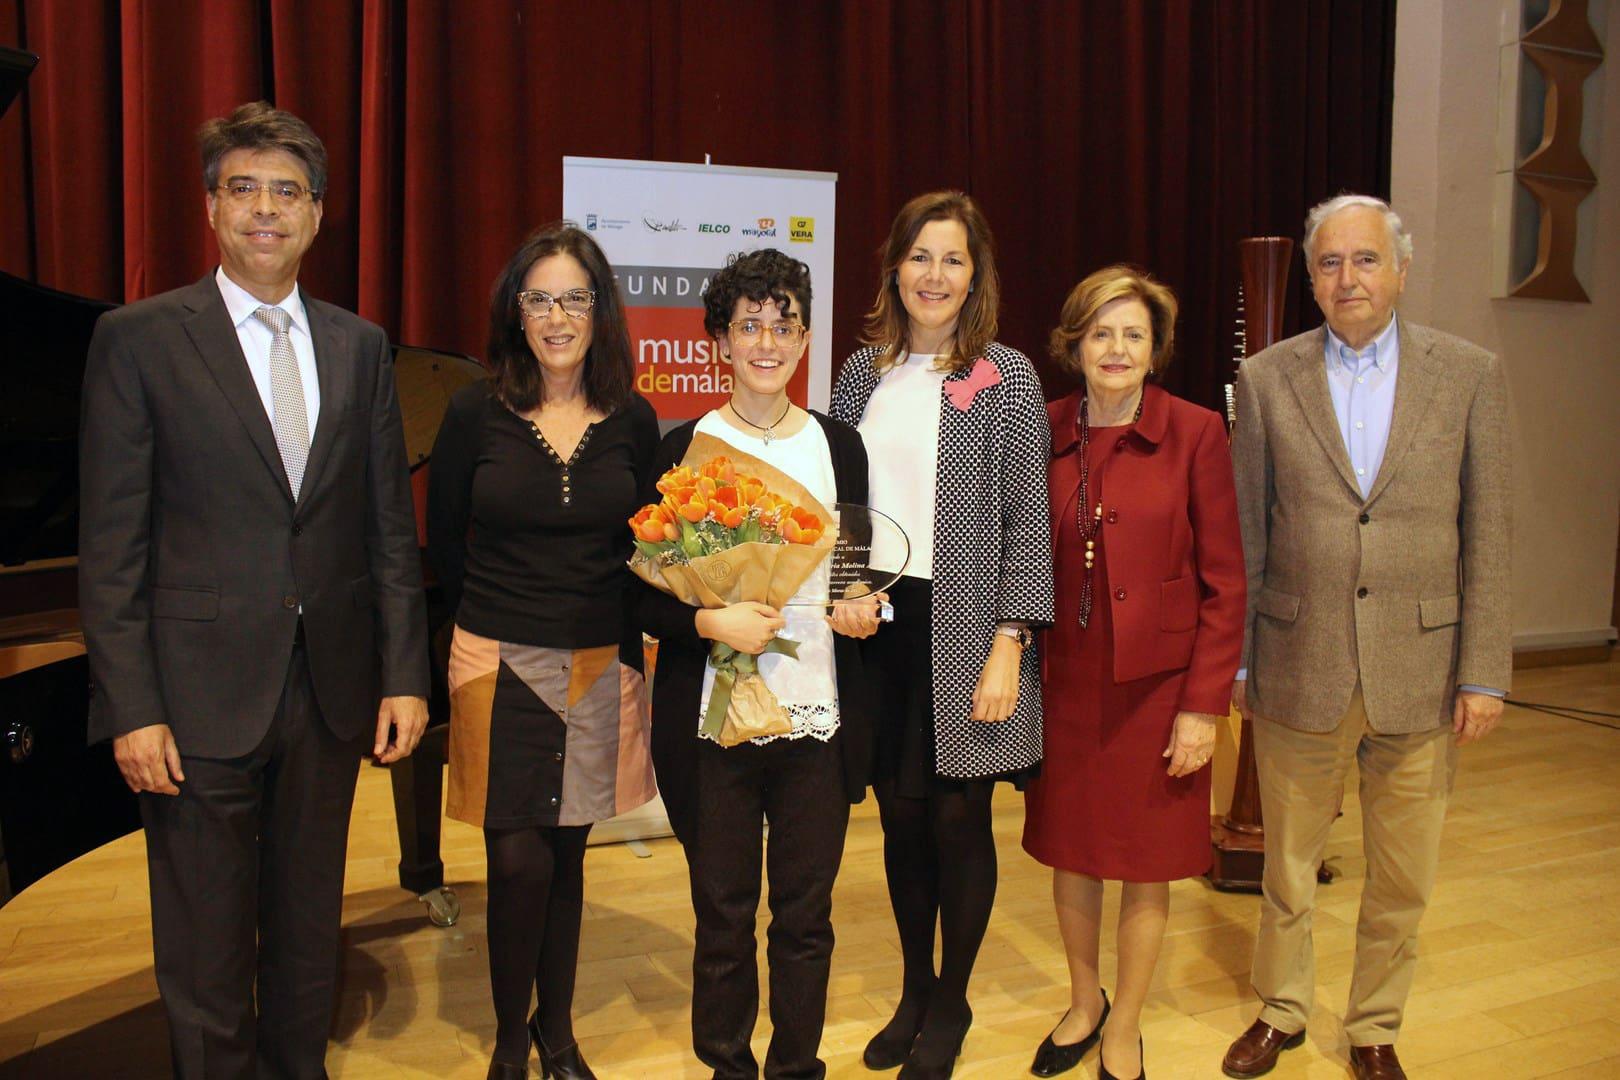 1 Francisco Martínez, Susana Martín, María Victoria Molina, Rosa Vera, Elisa Dominguez de Gor y Manuel S Benedito